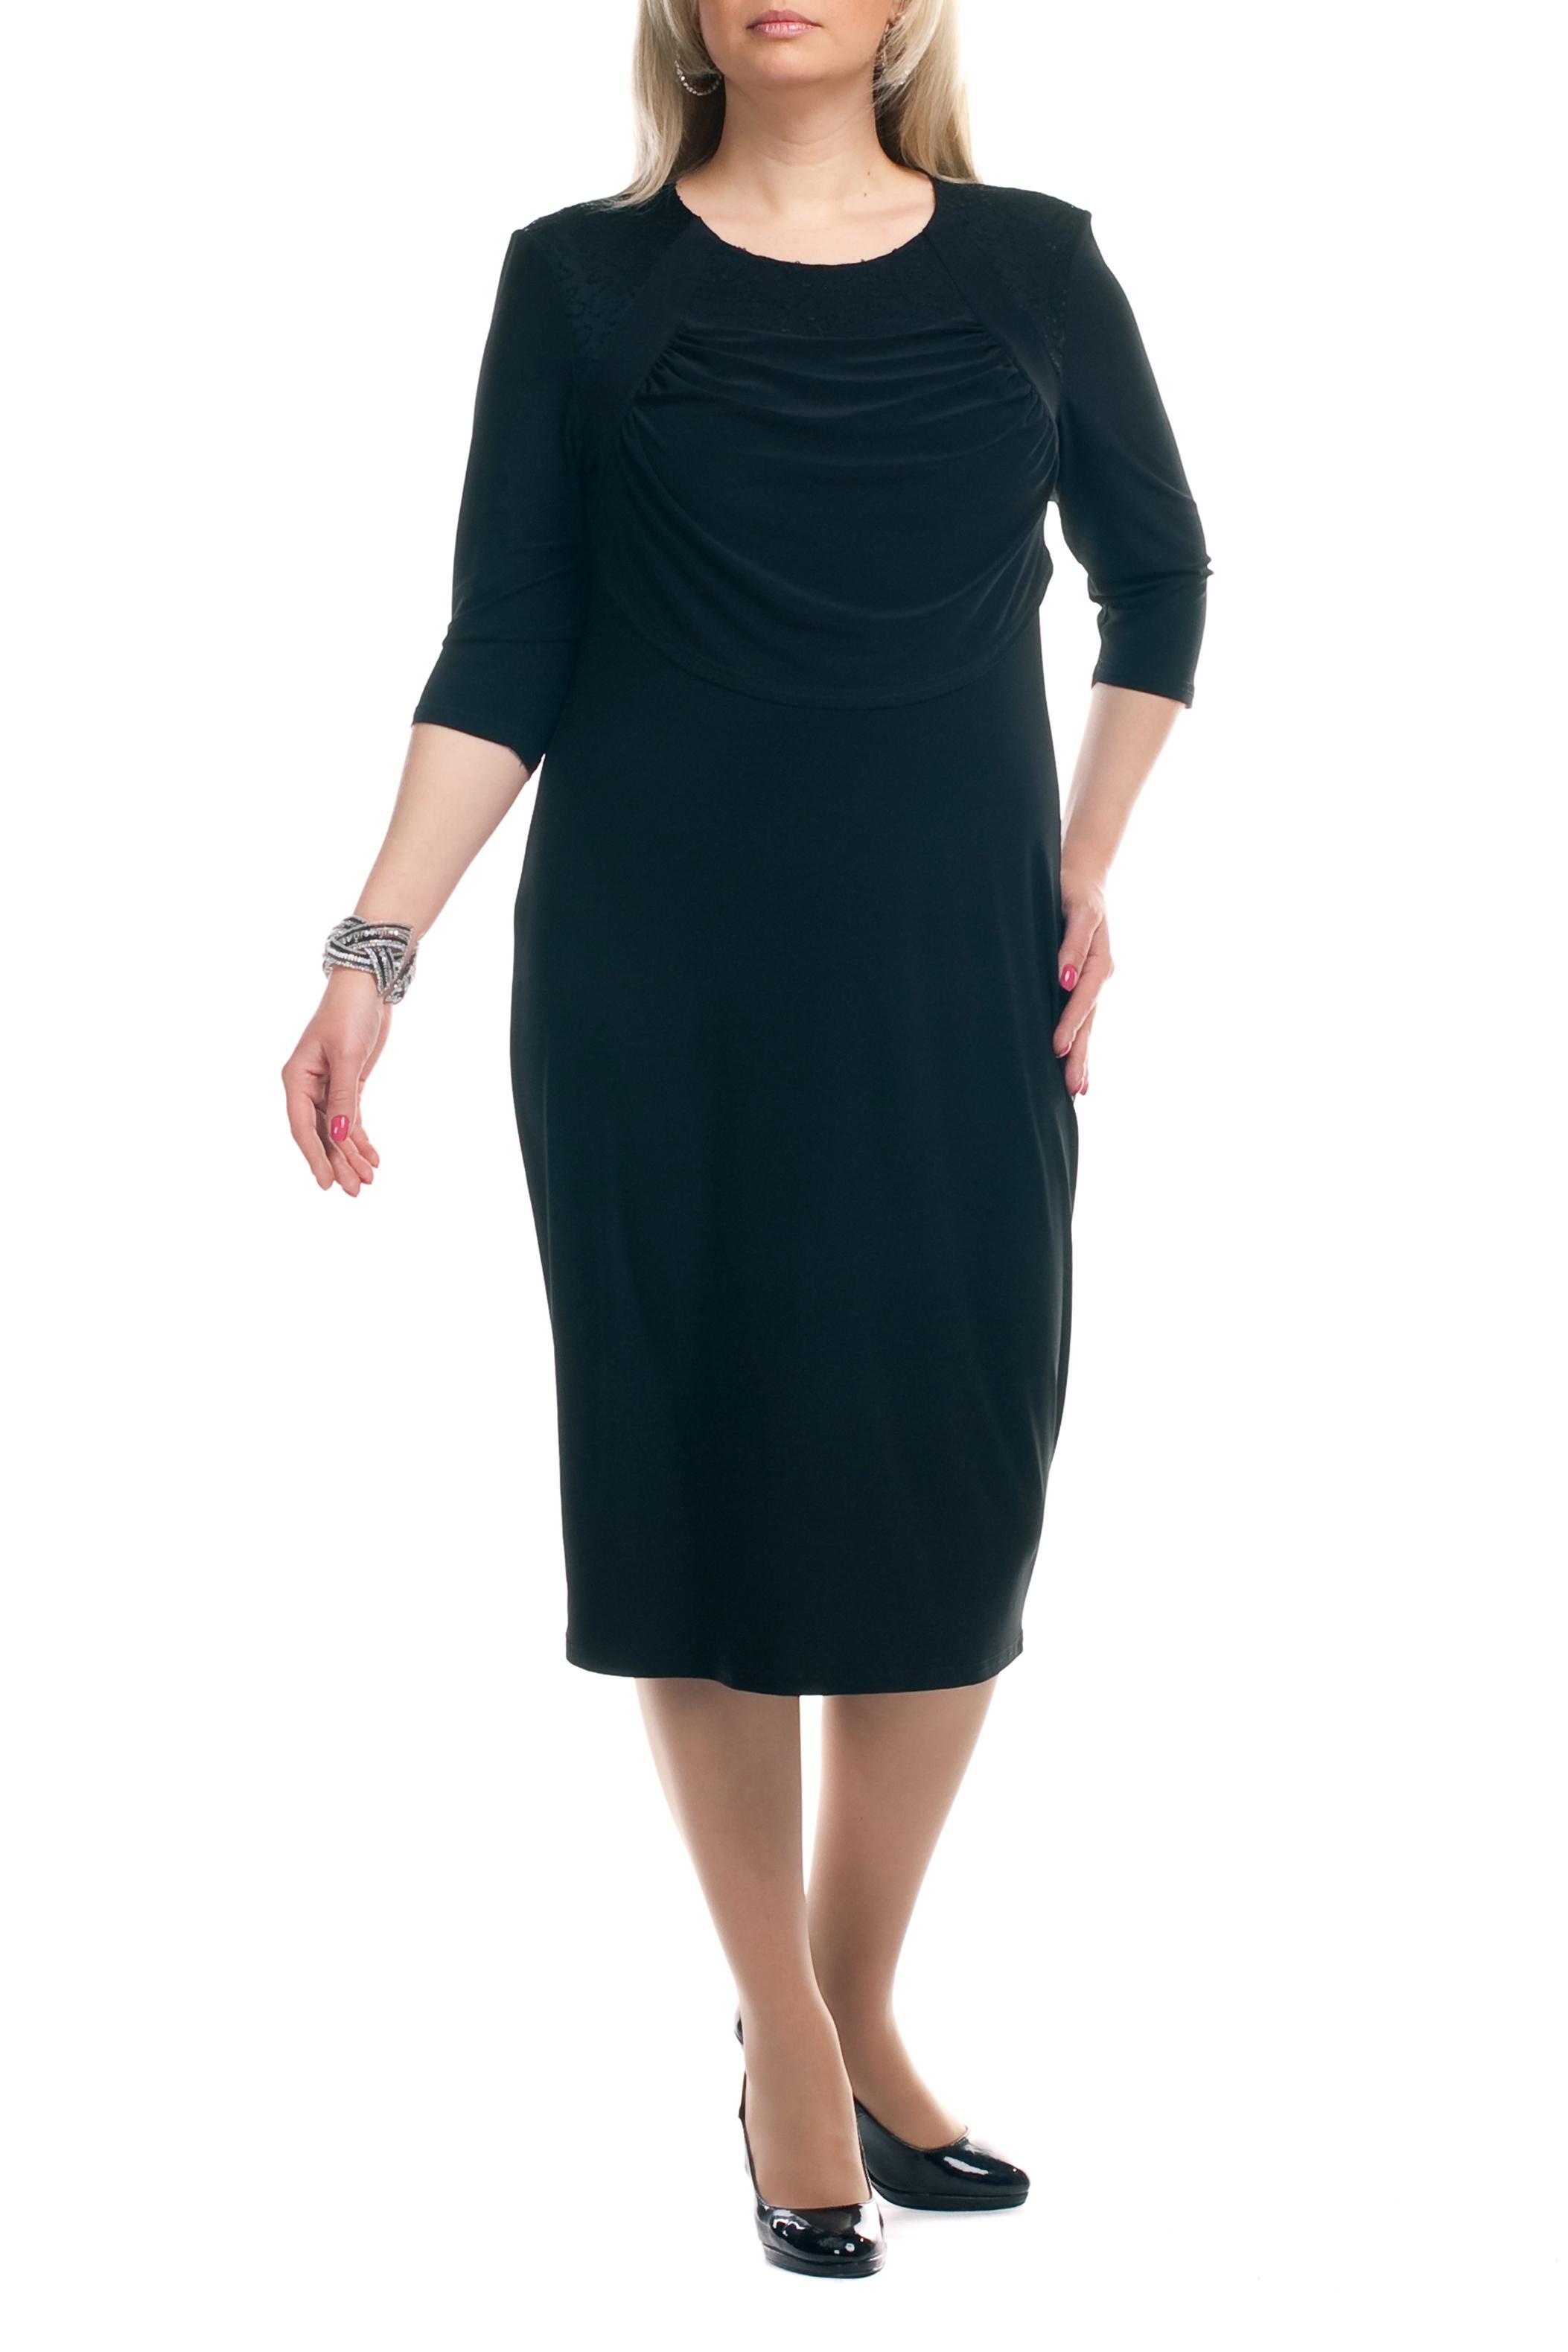 ПлатьеПлатья<br>Элегантное нарядное платье. Модель выполнена из приятного трикотажа. Отличный выбор для любого торжества.  Цвет: черный  Рост девушки-фотомодели 173 см.<br><br>Горловина: С- горловина<br>По длине: Ниже колена<br>По материалу: Трикотаж,Гипюровая сетка<br>По образу: Свидание<br>По рисунку: Однотонные<br>По сезону: Весна,Всесезон,Зима,Лето,Осень<br>По силуэту: Полуприталенные<br>По стилю: Нарядный стиль<br>По элементам: С декором,С отделочной фурнитурой,Со складками<br>Рукав: Рукав три четверти<br>Размер : 52,56,58,60,64,66,68<br>Материал: Холодное масло + Гипюровая сетка<br>Количество в наличии: 13